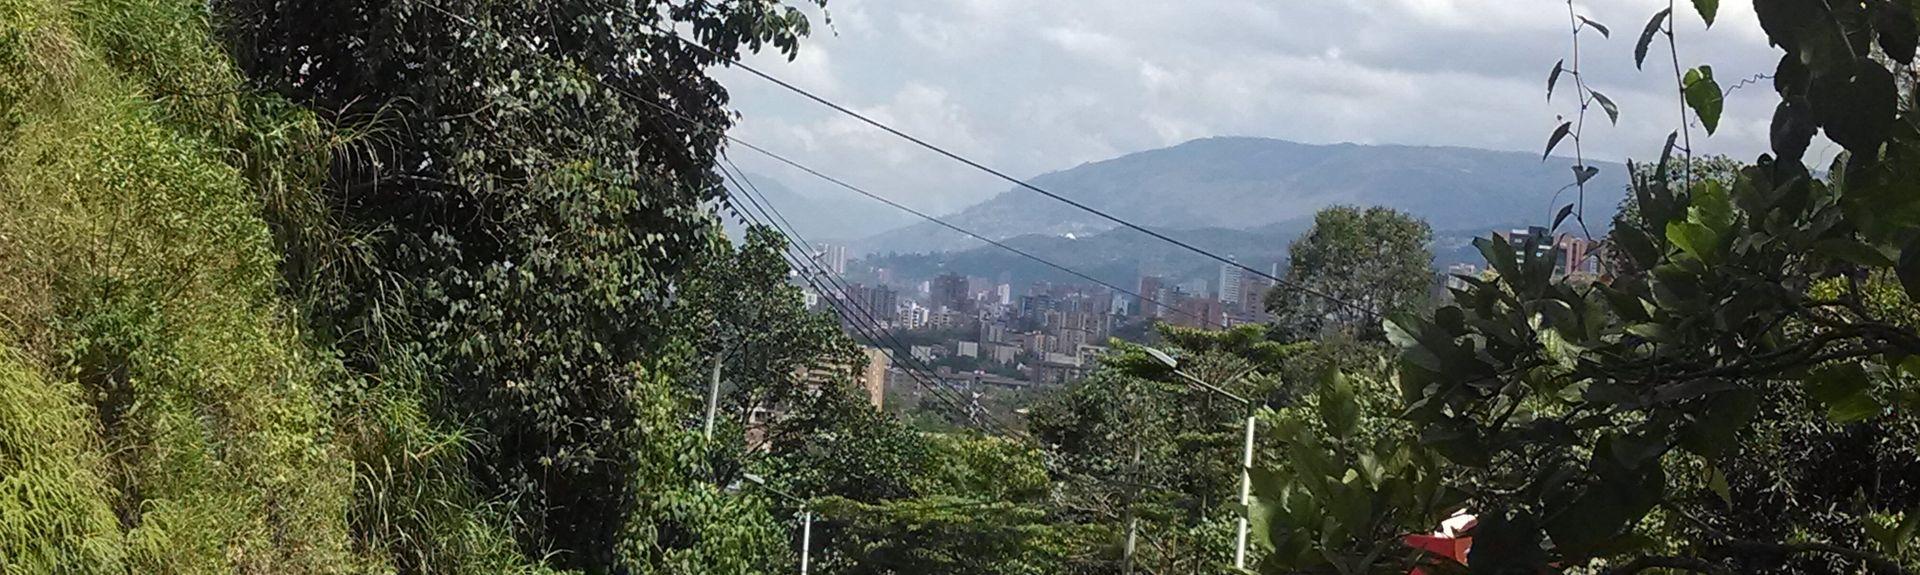 Antioquía, Colombia